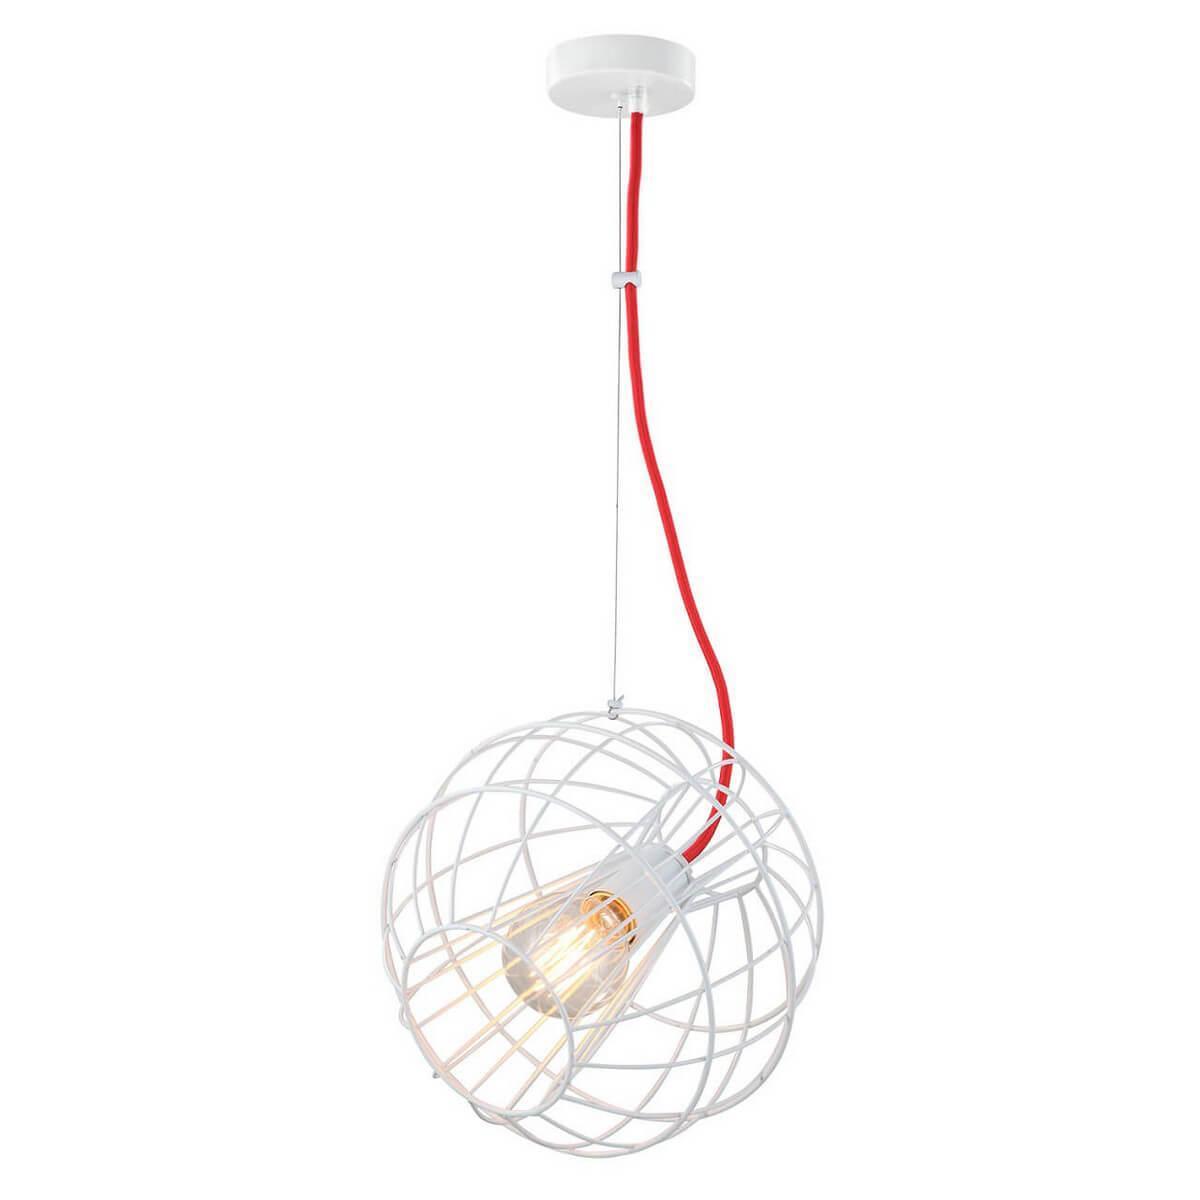 Подвесной светильник Lussole GRLSP-9932, E27, 11 Вт подвесной светильник lussole grlsp 9945 белый